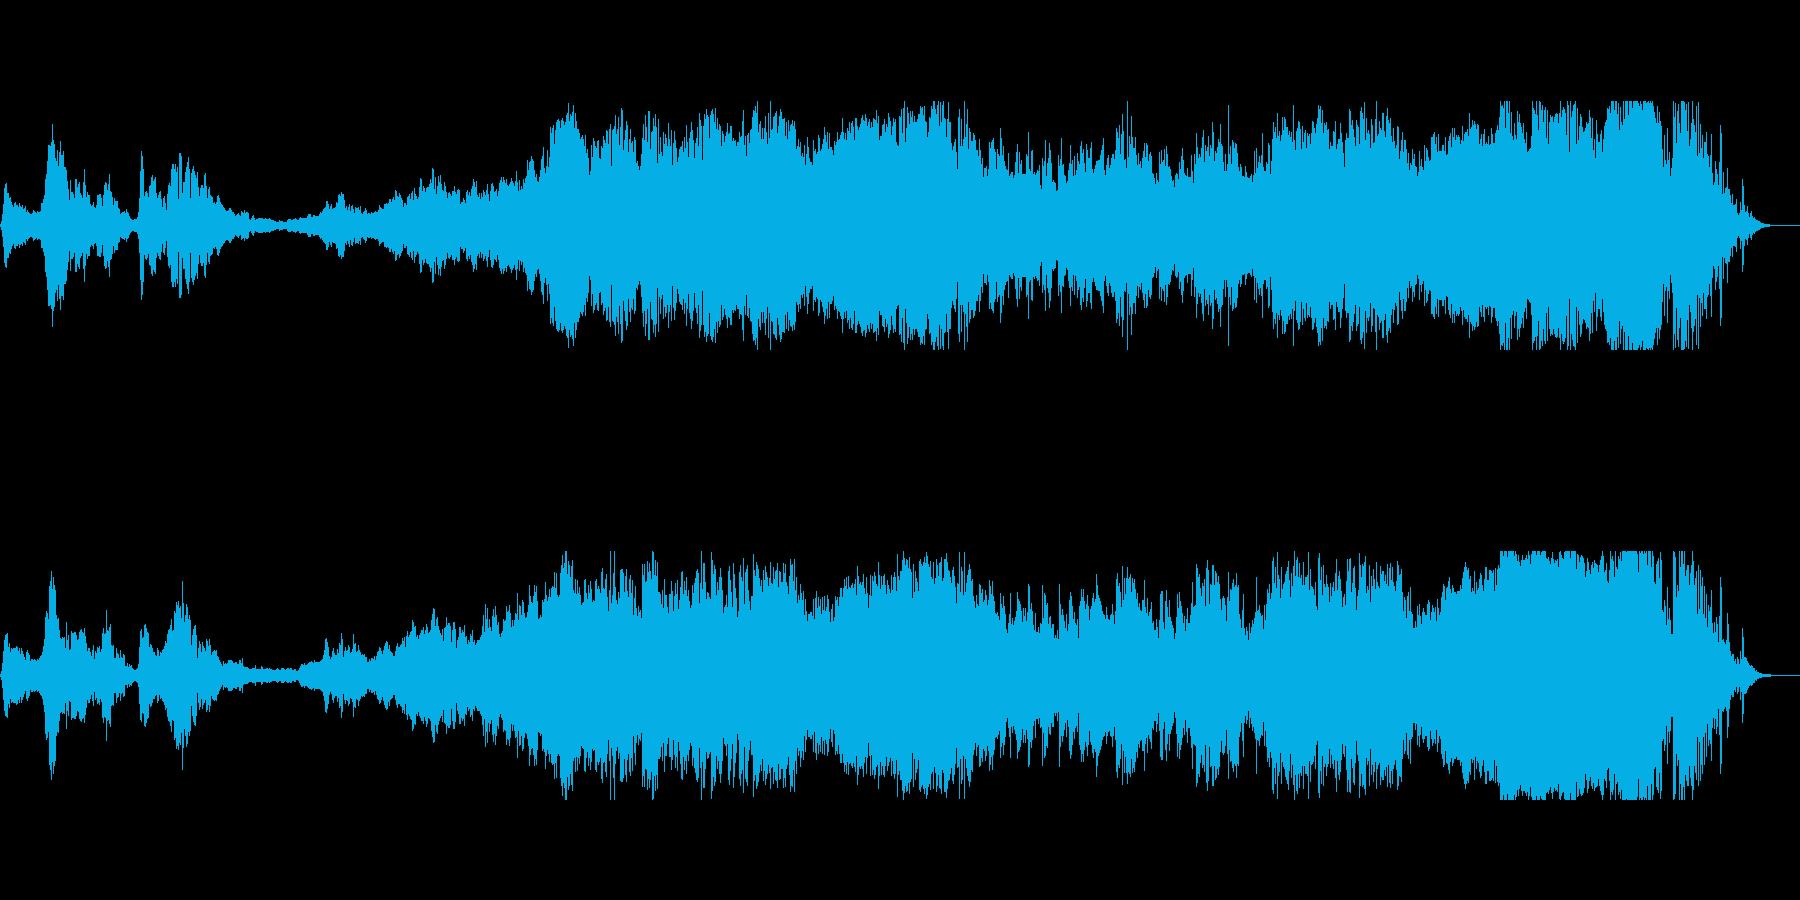 スリリングな戦闘シーン等に合う和風楽曲の再生済みの波形